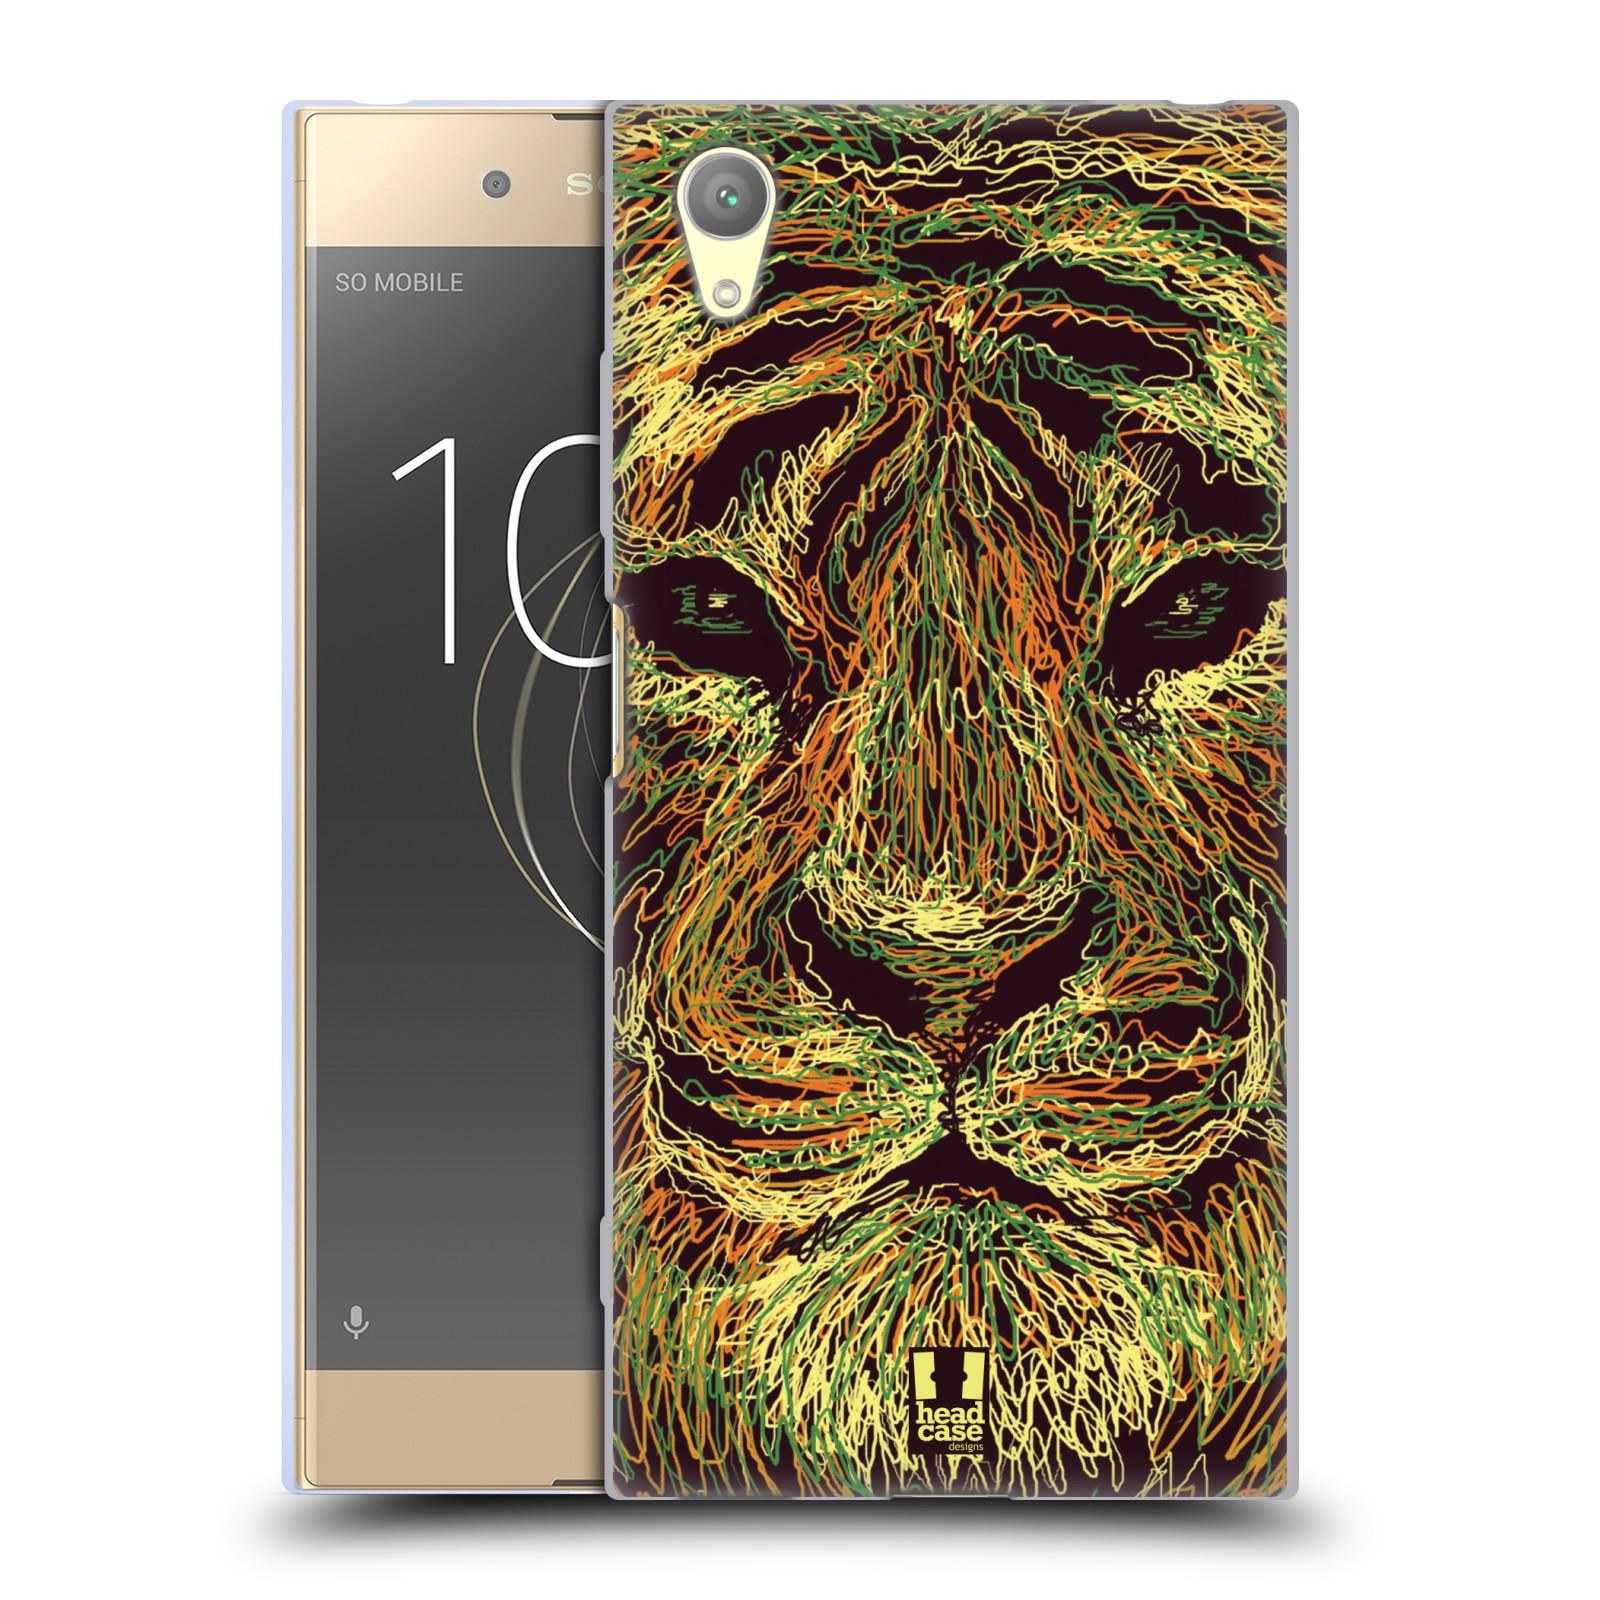 HEAD CASE silikonový obal na mobil Sony Xperia XA1 PLUS vzor zvíře čmáranice tygr